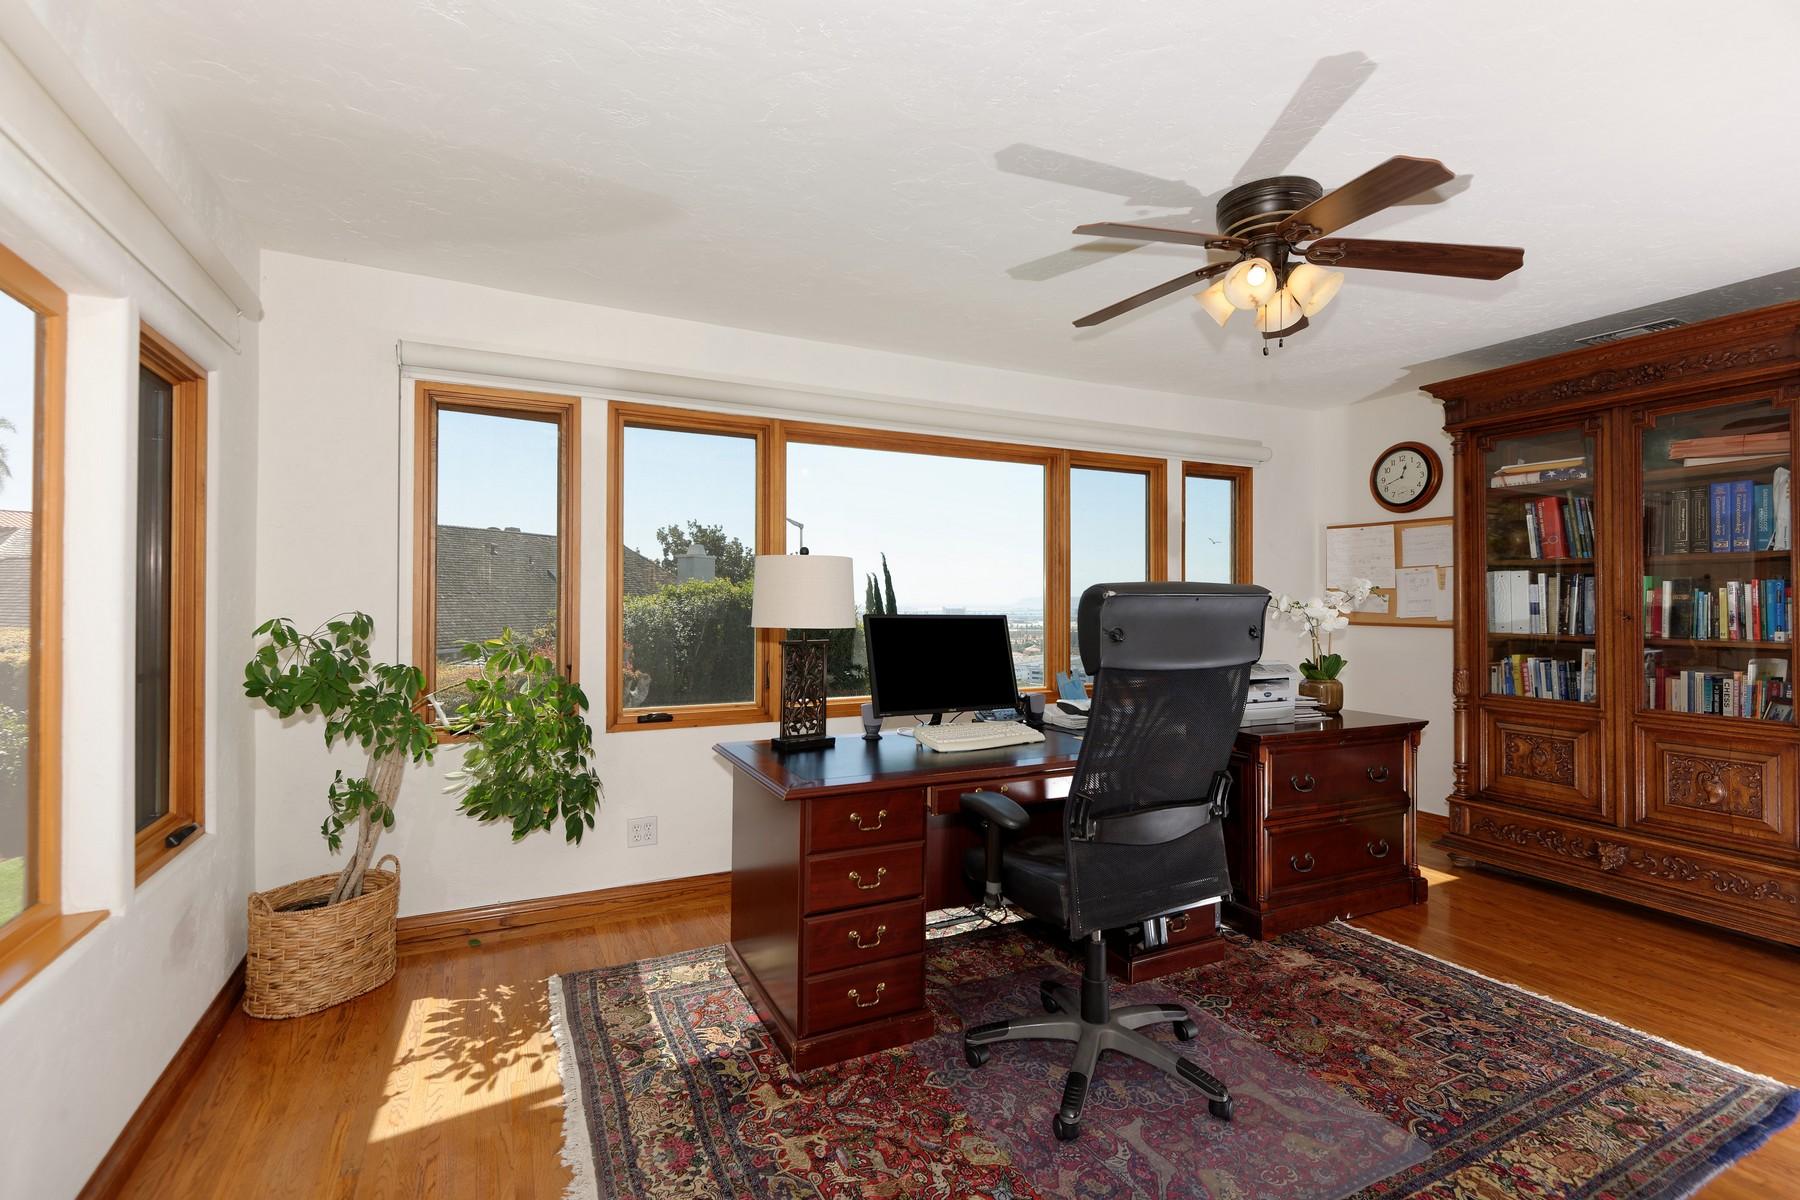 Additional photo for property listing at 2335 Juan  San Diego, Калифорния 92103 Соединенные Штаты